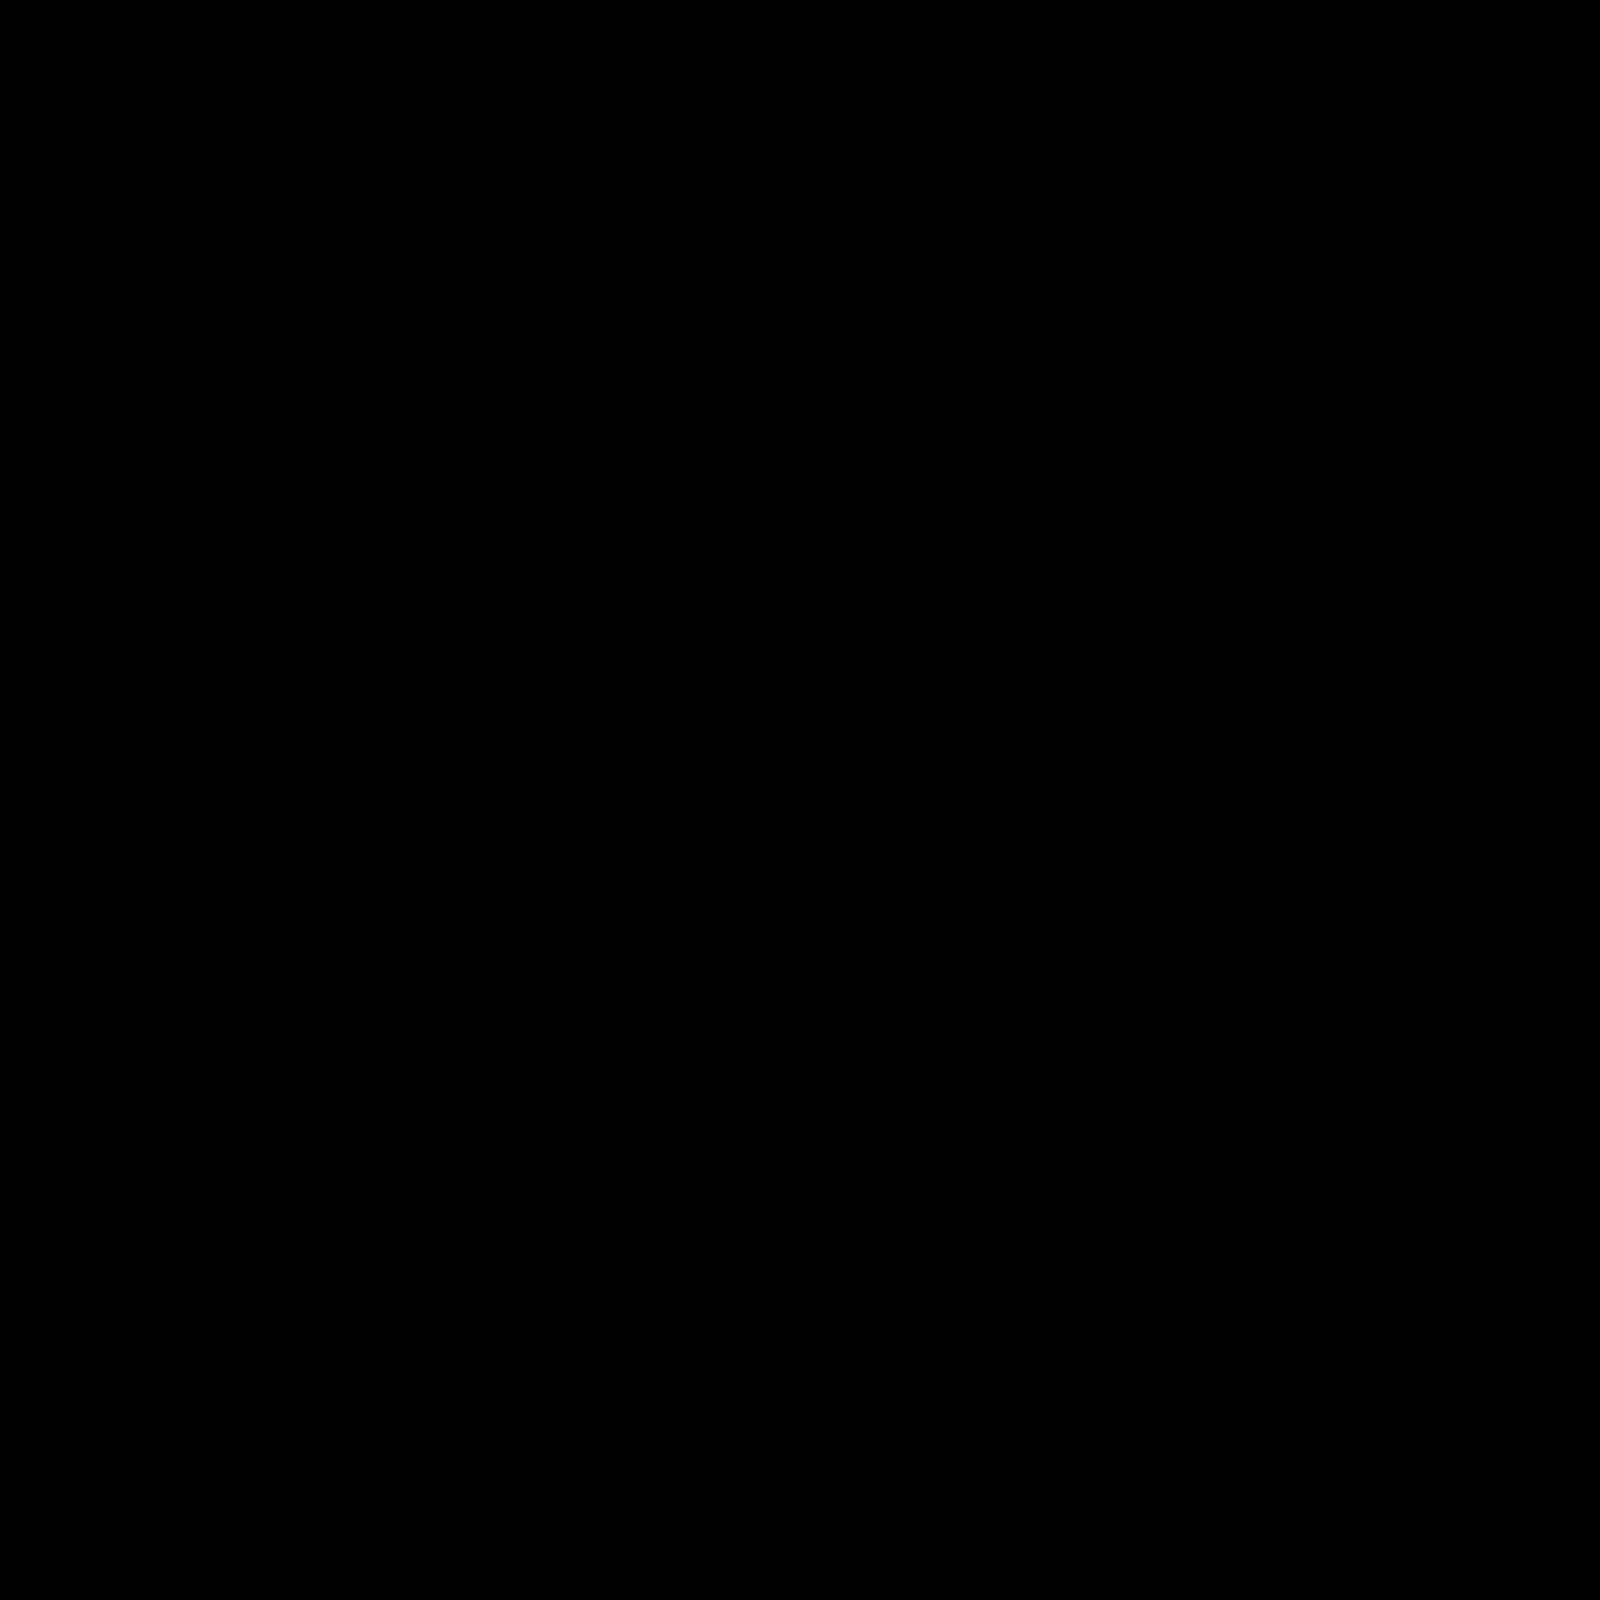 ドキュメントを提出 icon